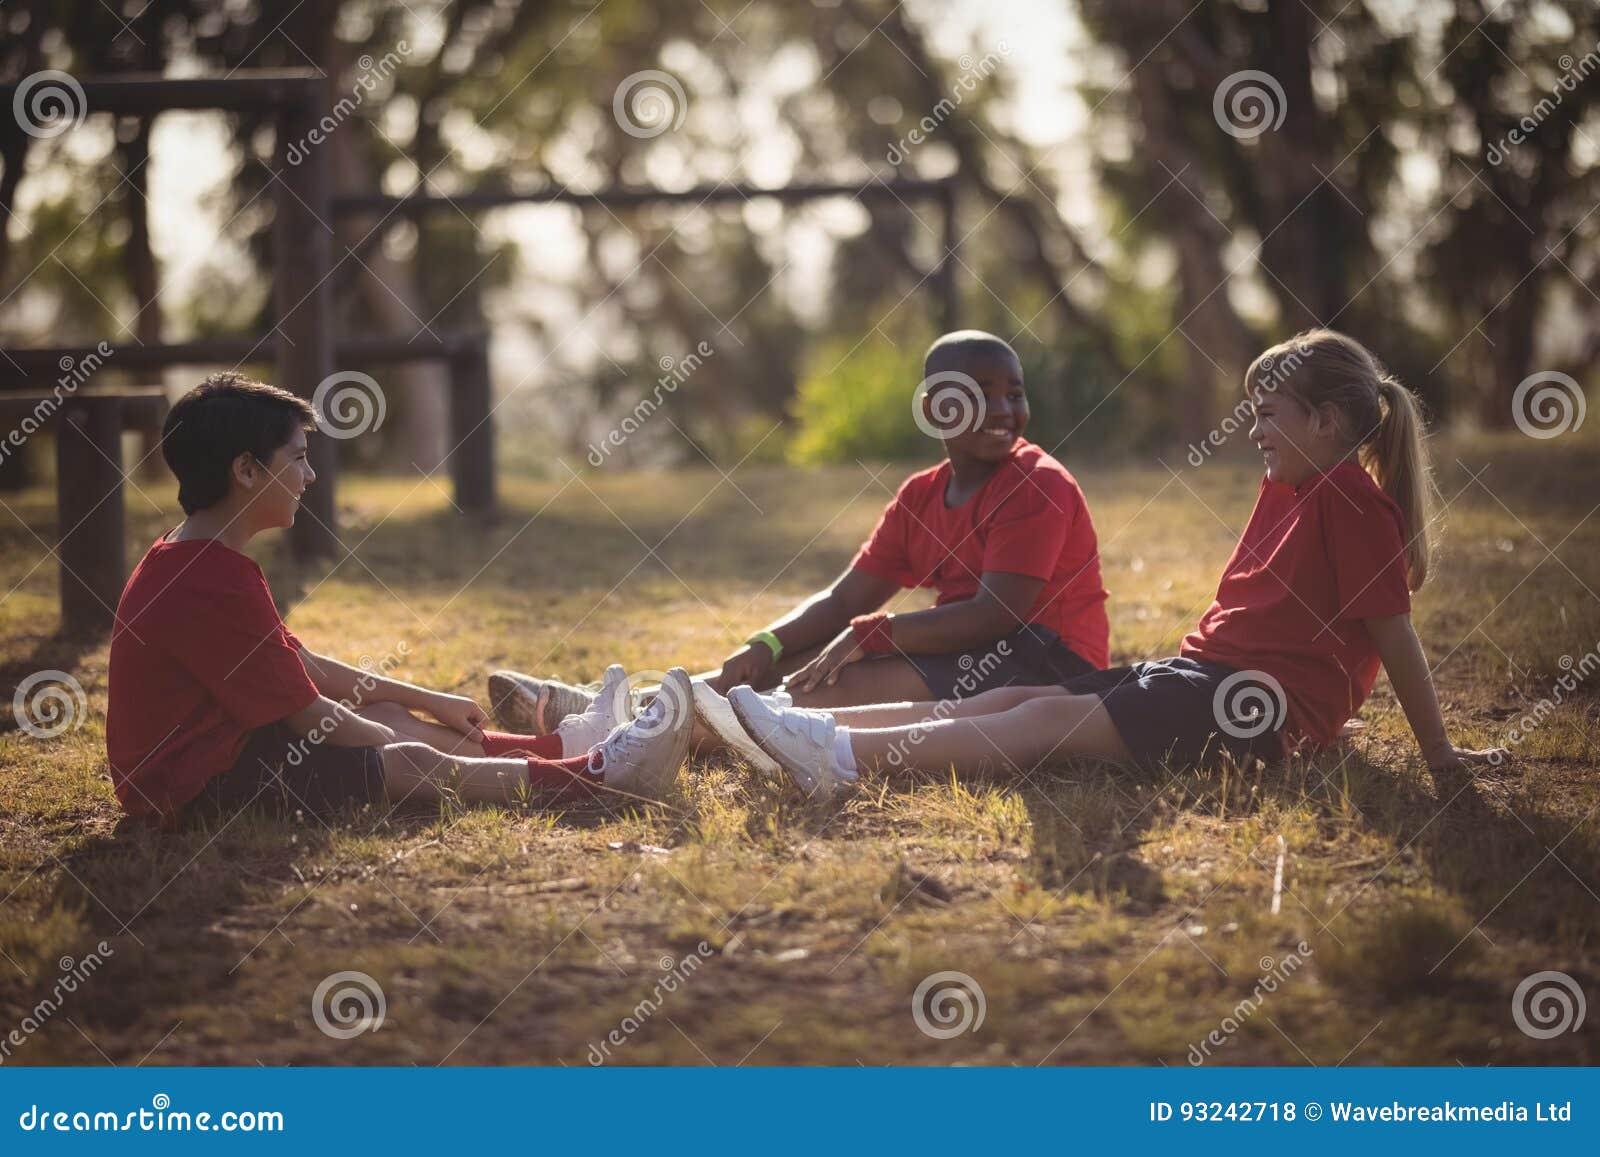 Stående av lyckliga ungar som kopplar av på gräs under hinderkurs